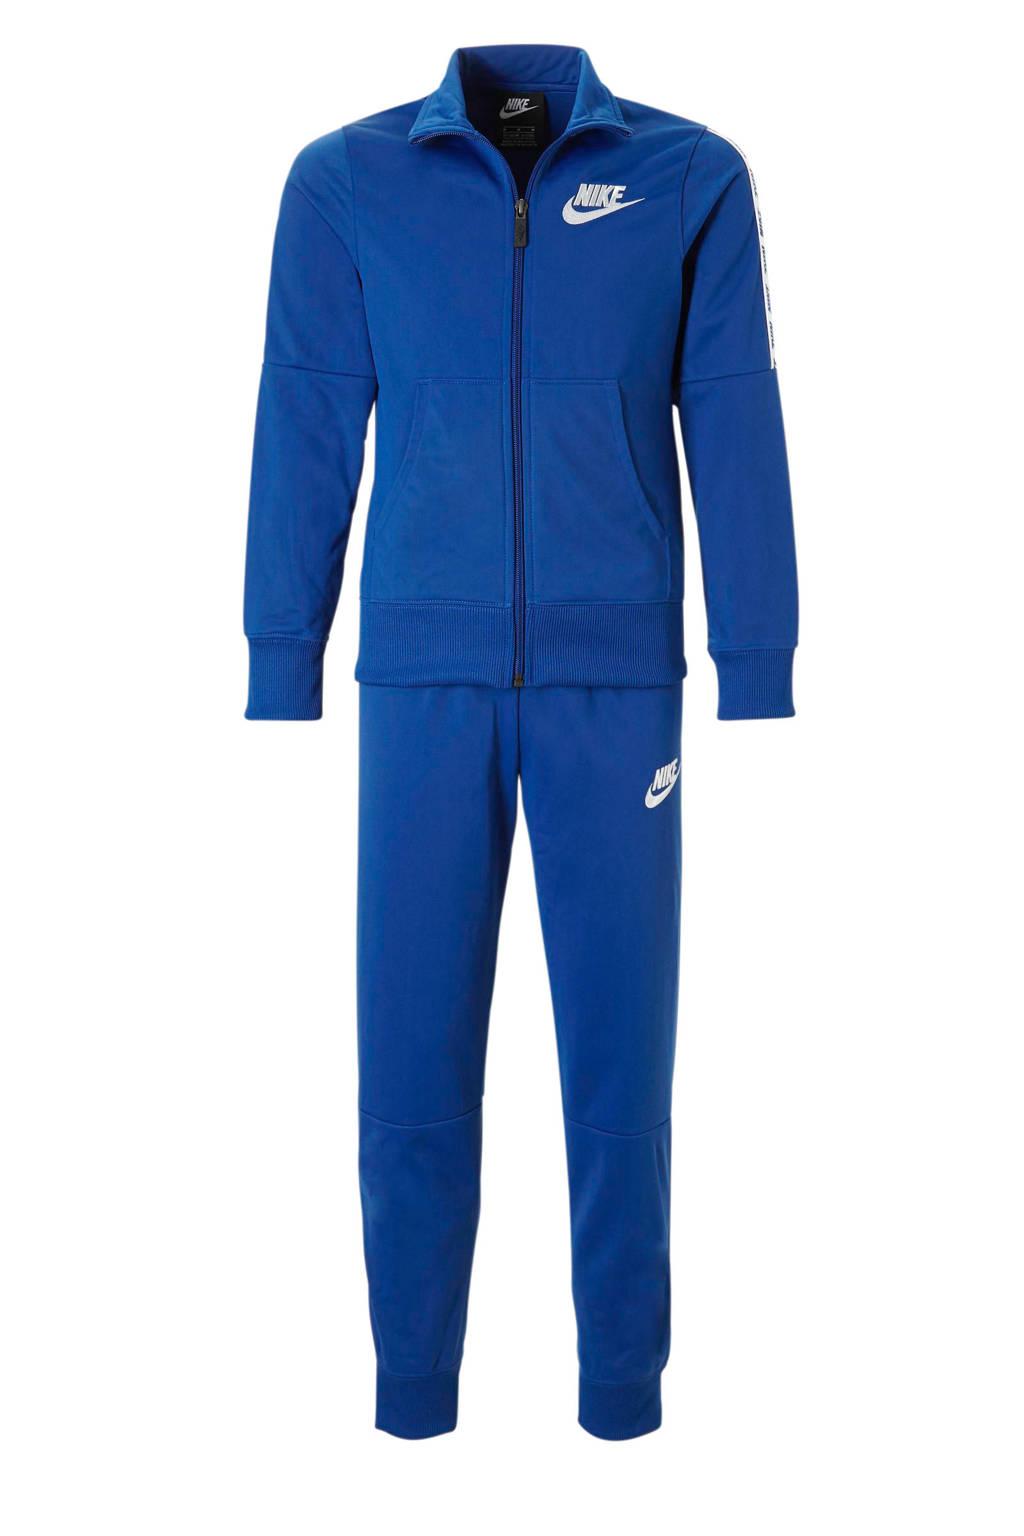 Nike trainingspak blauw, Blauw